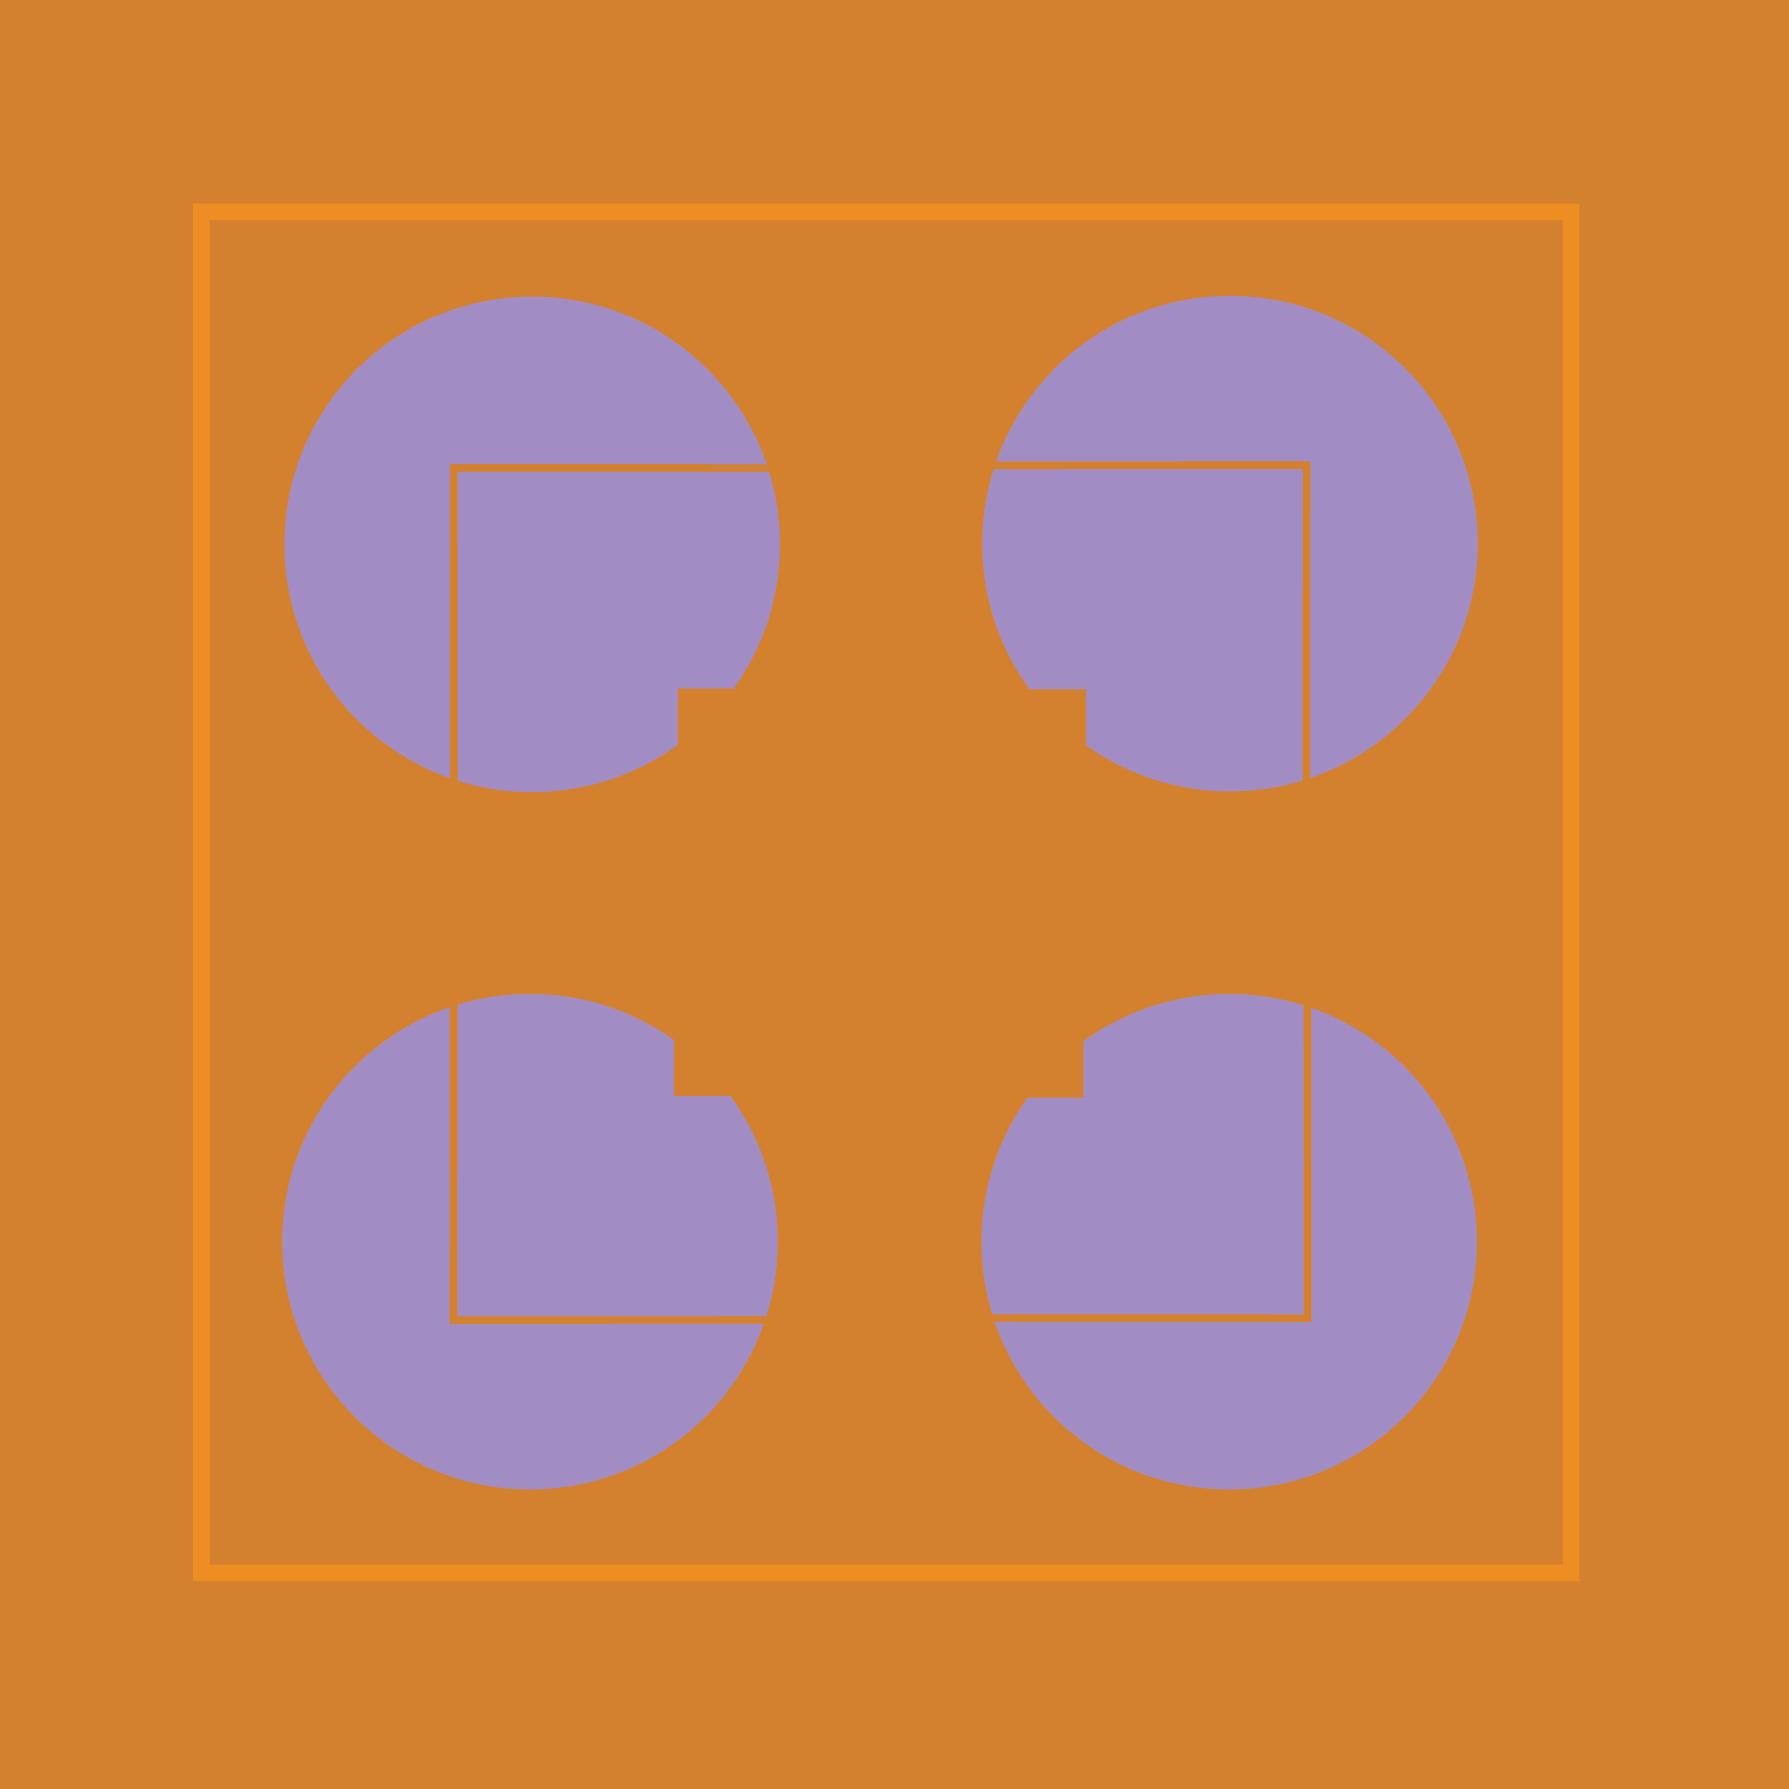 Orange_1.png